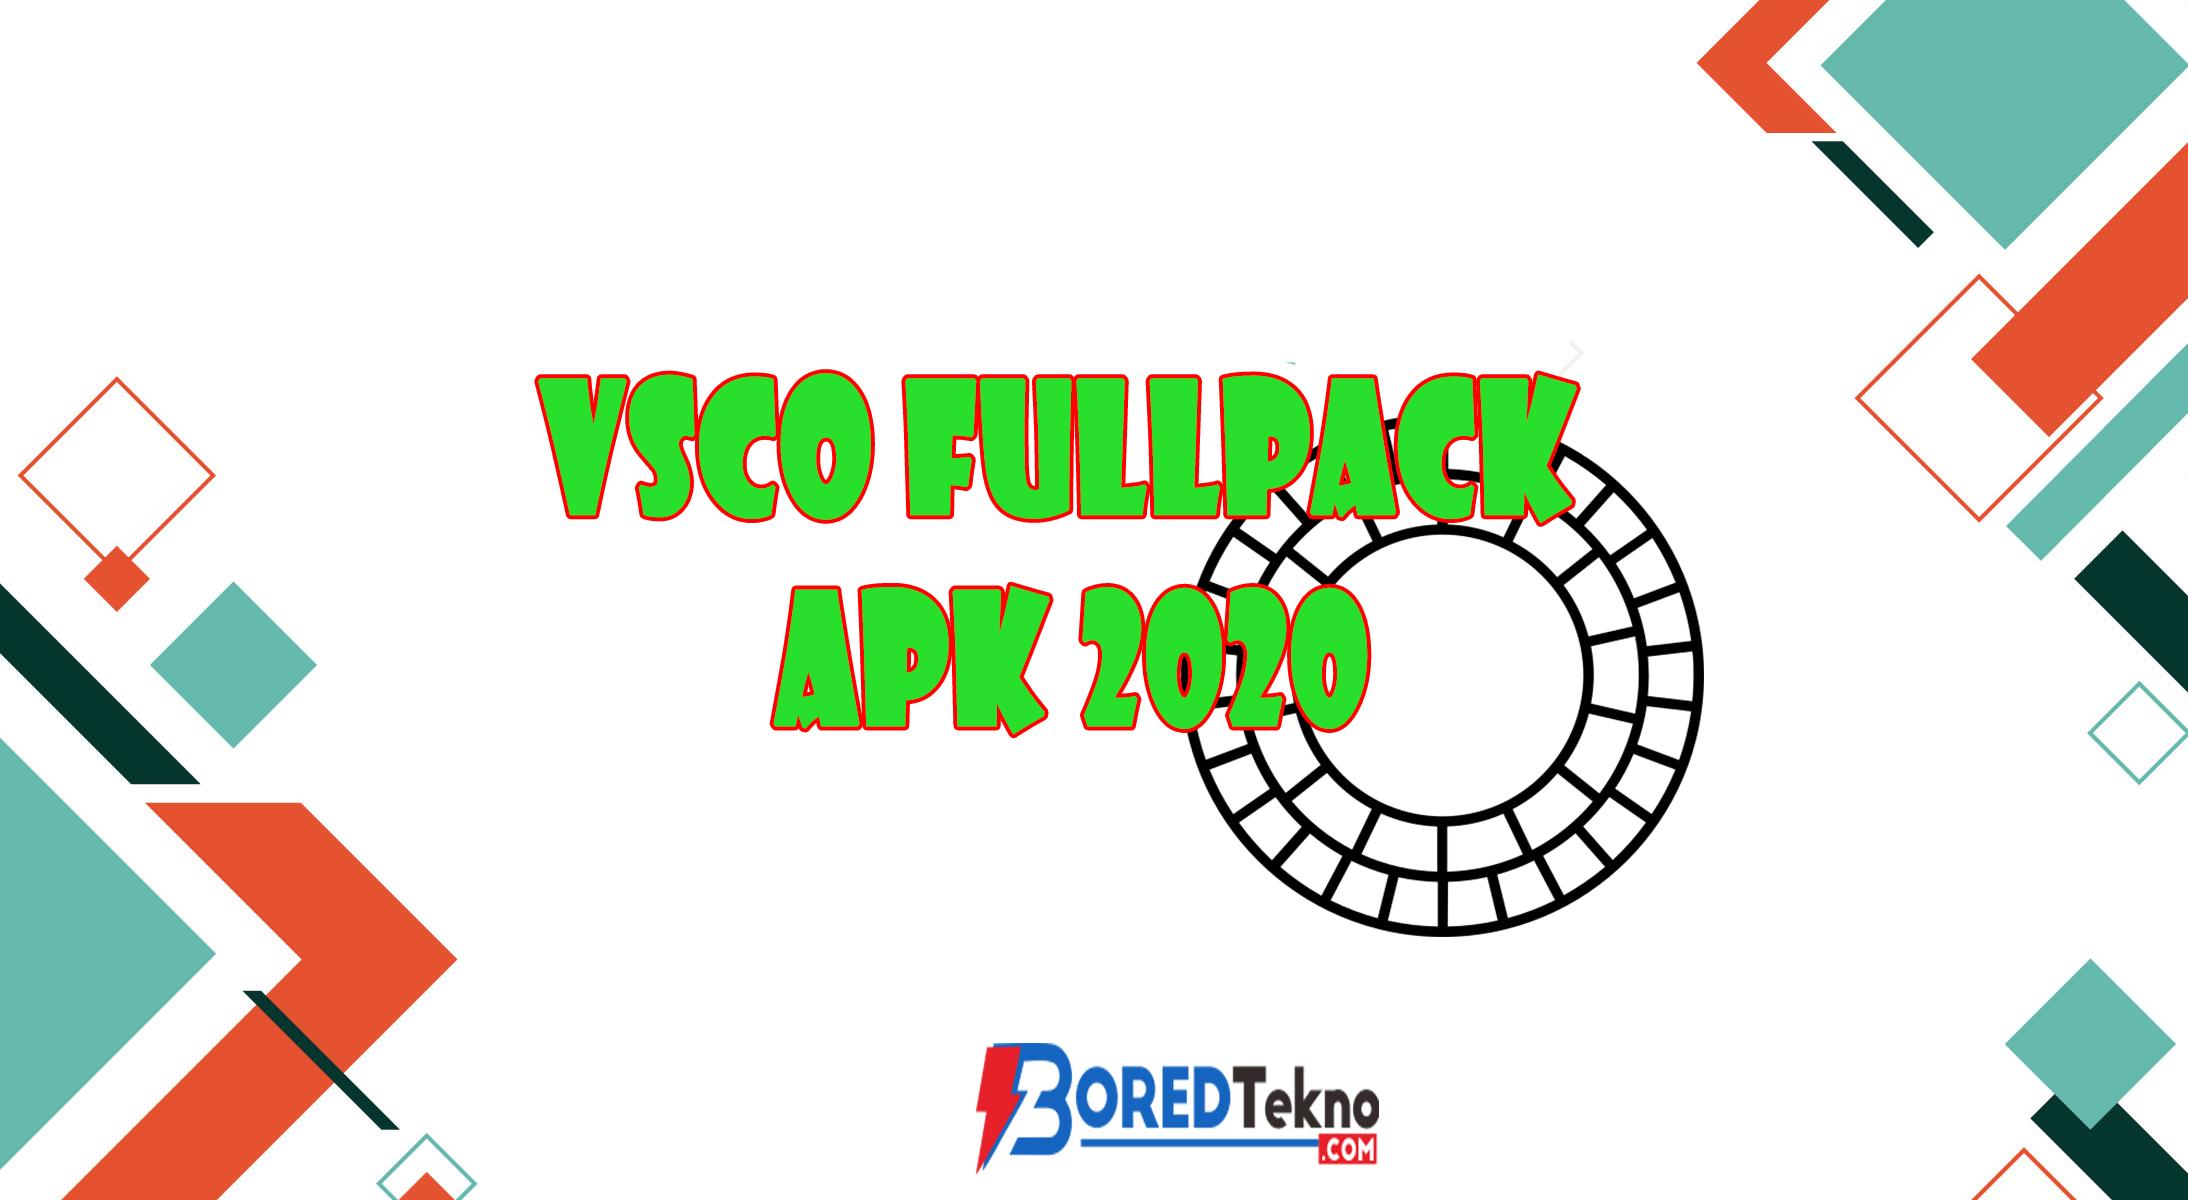 Vsco Fullpack Apk 2020 Boredtekno Com